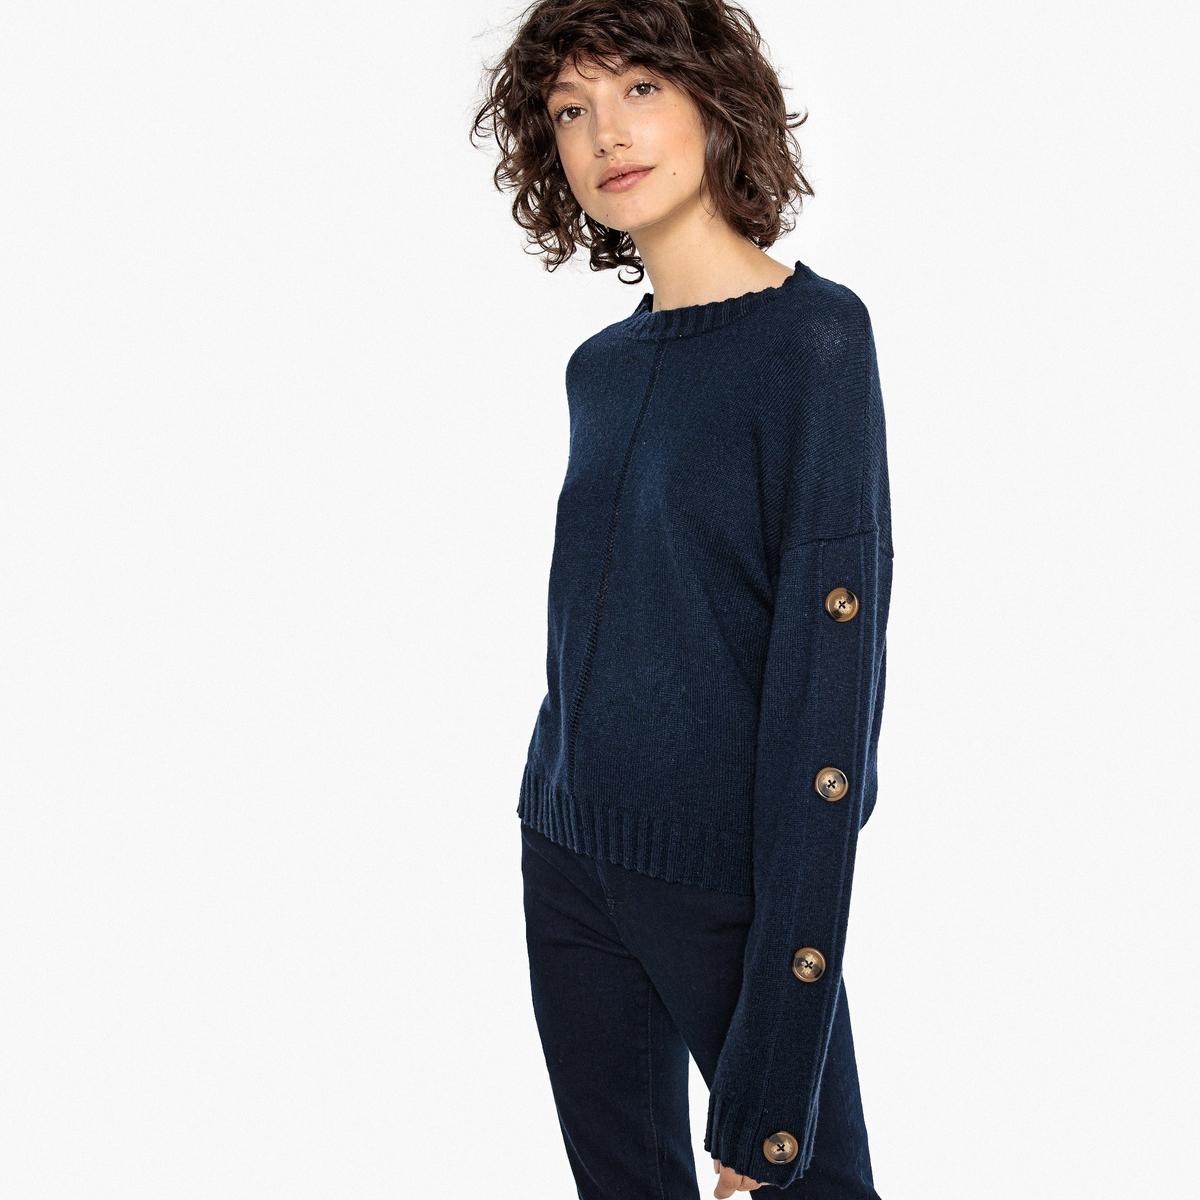 Jersey de lana de cordero con cuello redondo y corte amplio abotonado